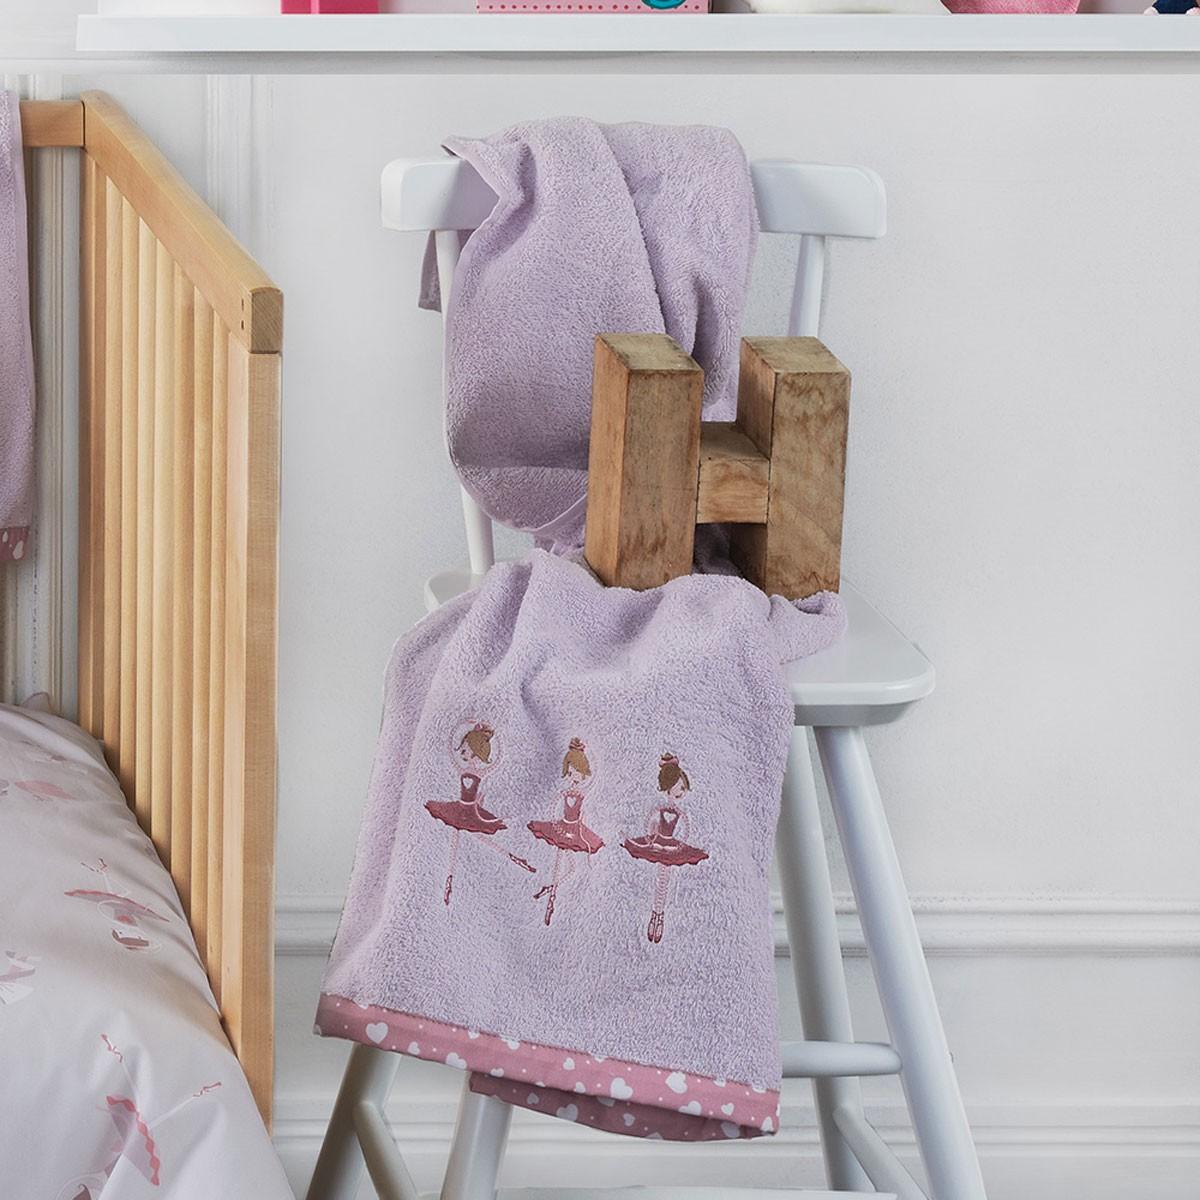 Βρεφικές Πετσέτες (Σετ 2τμχ) Kentia Baby Tutu